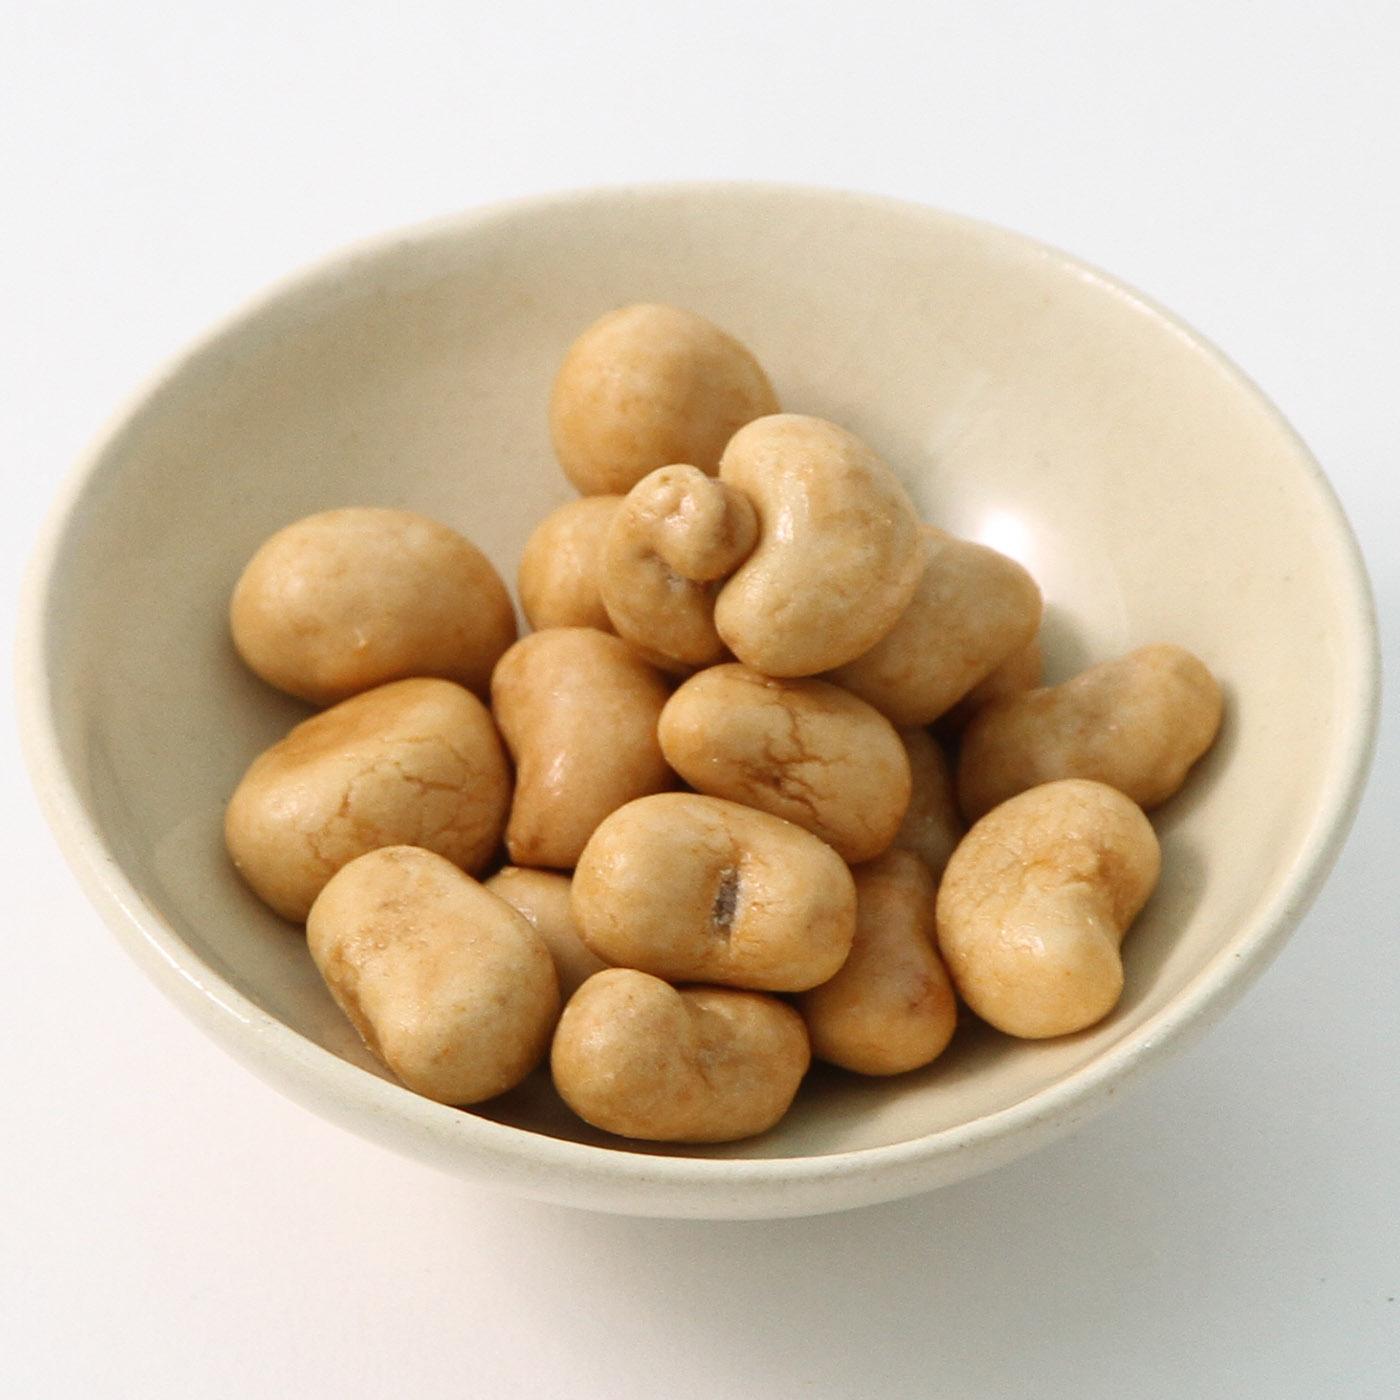 器に入れた焼カシューナッツ